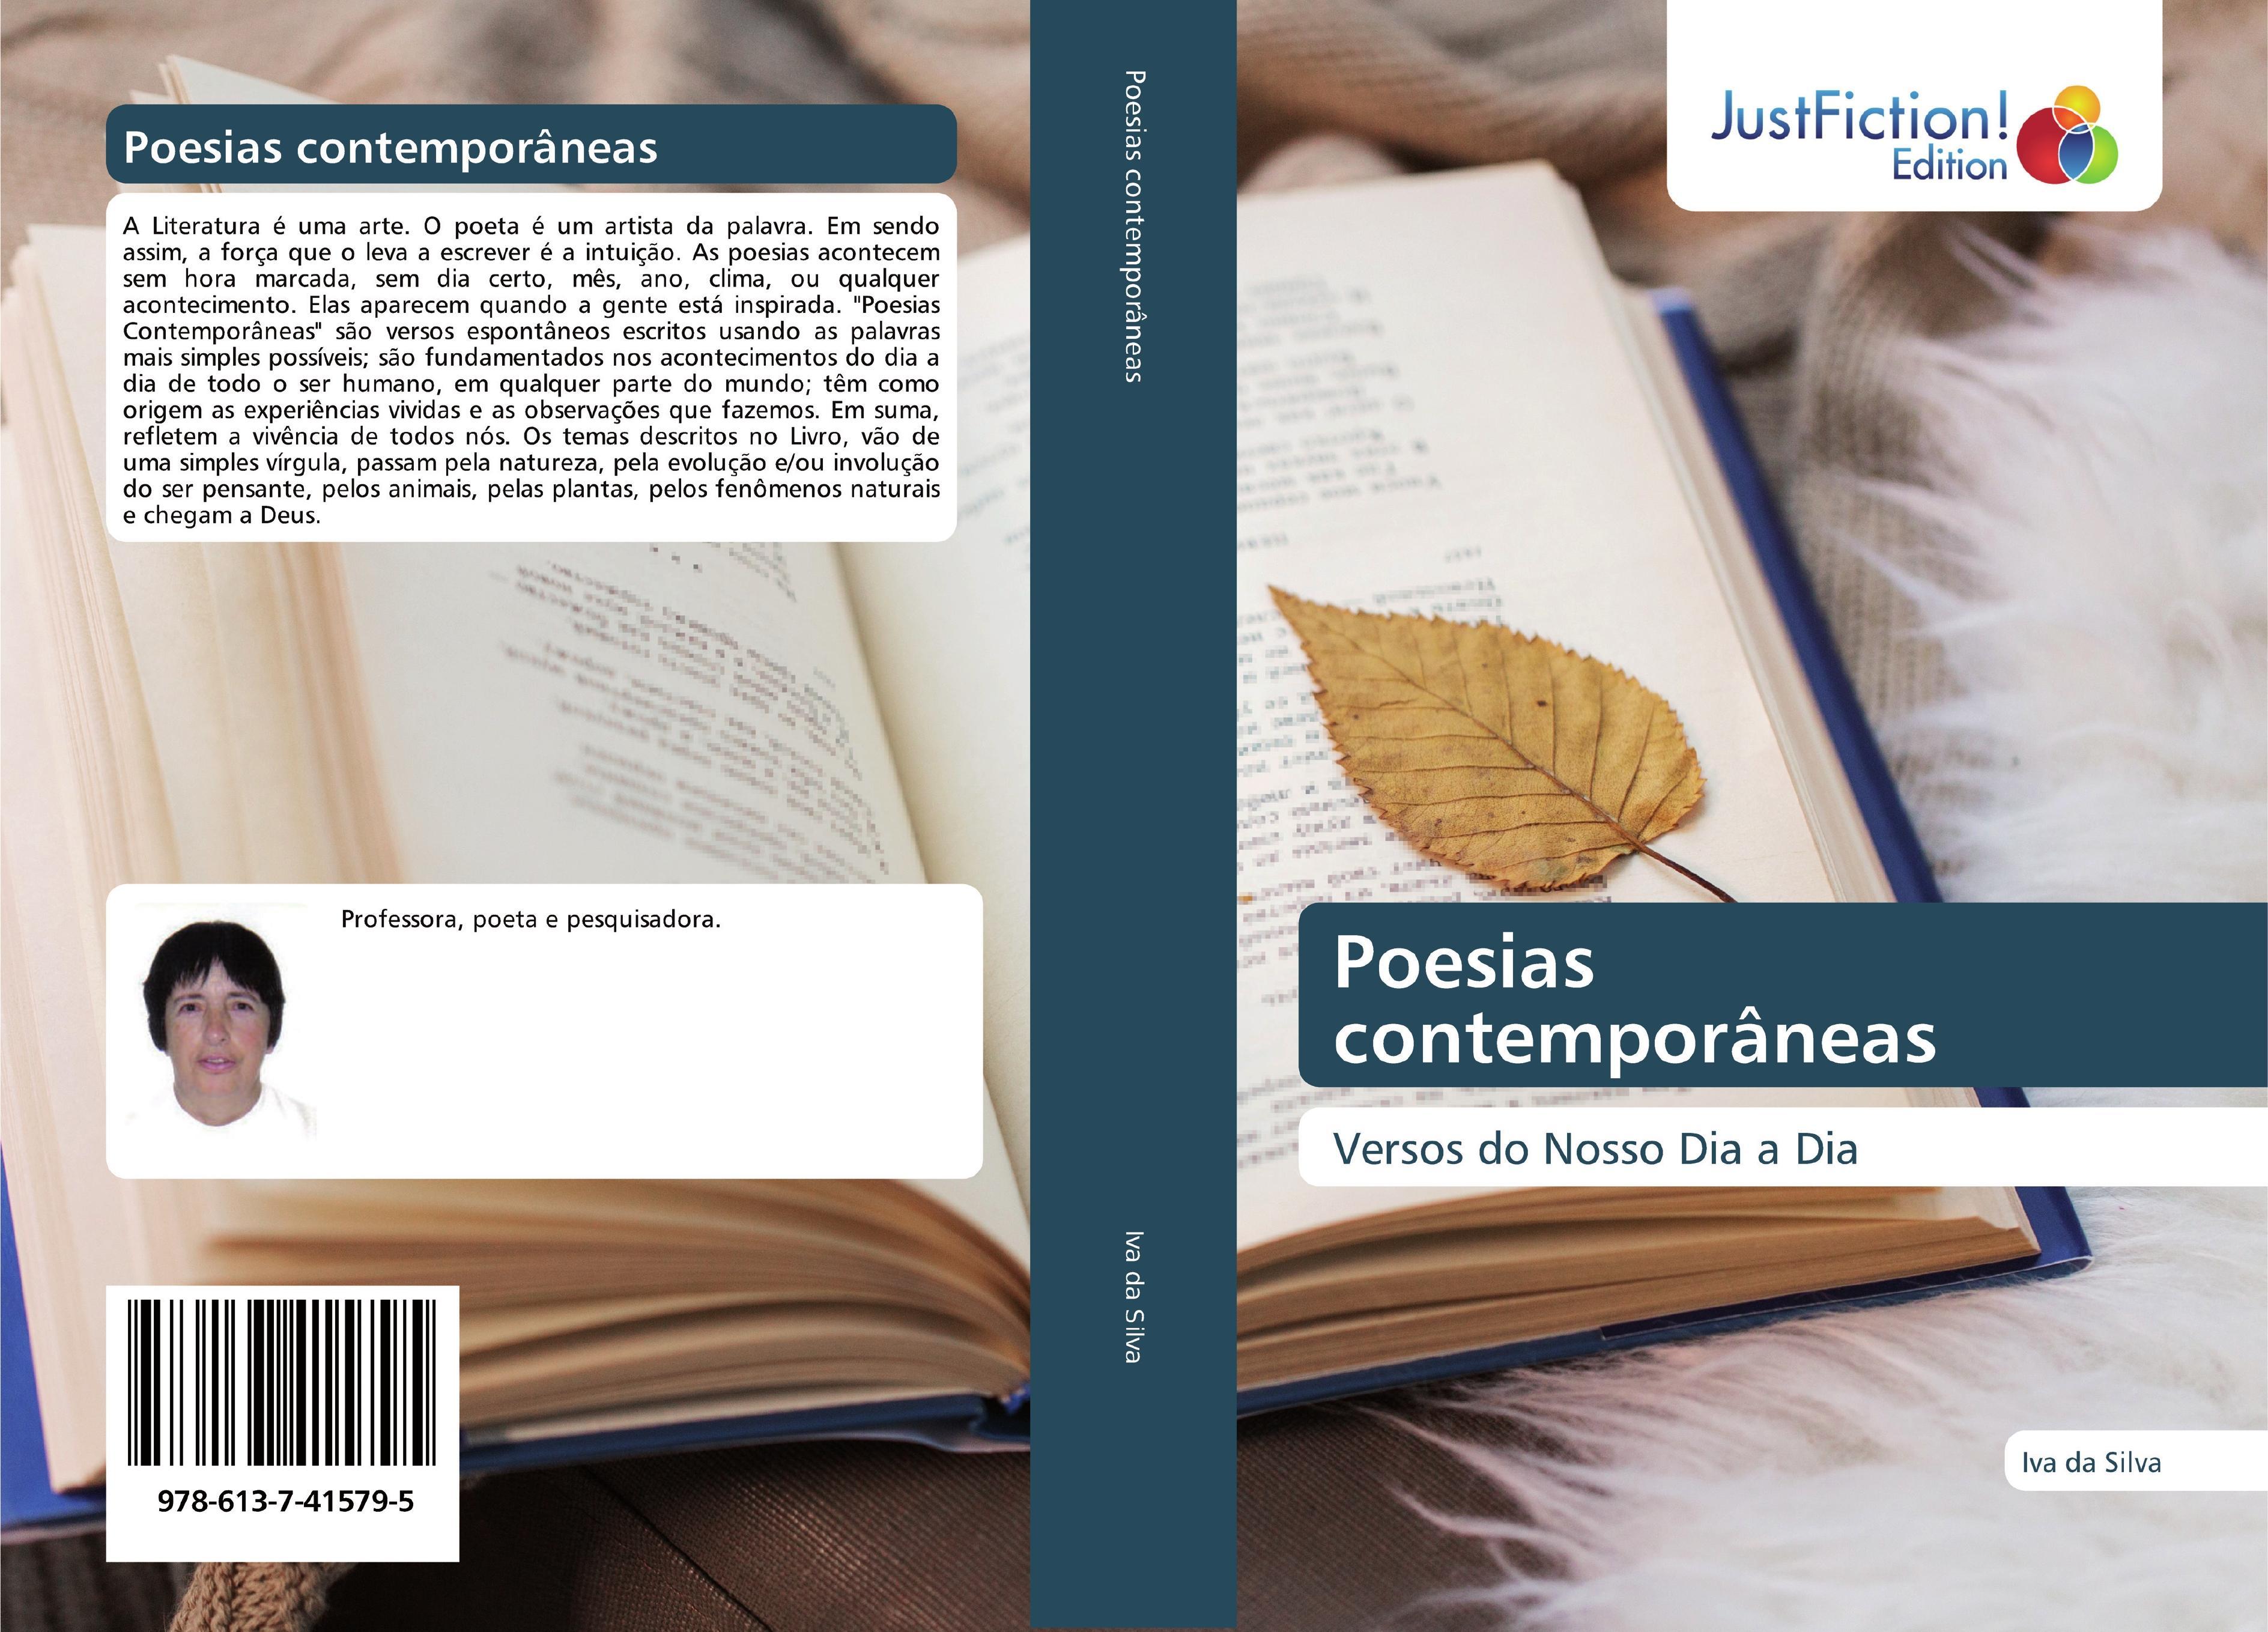 Poesias contemporâneas  Versos do Nosso Dia a Dia  Iva da Silva  Taschenbuch  Paperback  Englisch  2019 - da Silva, Iva